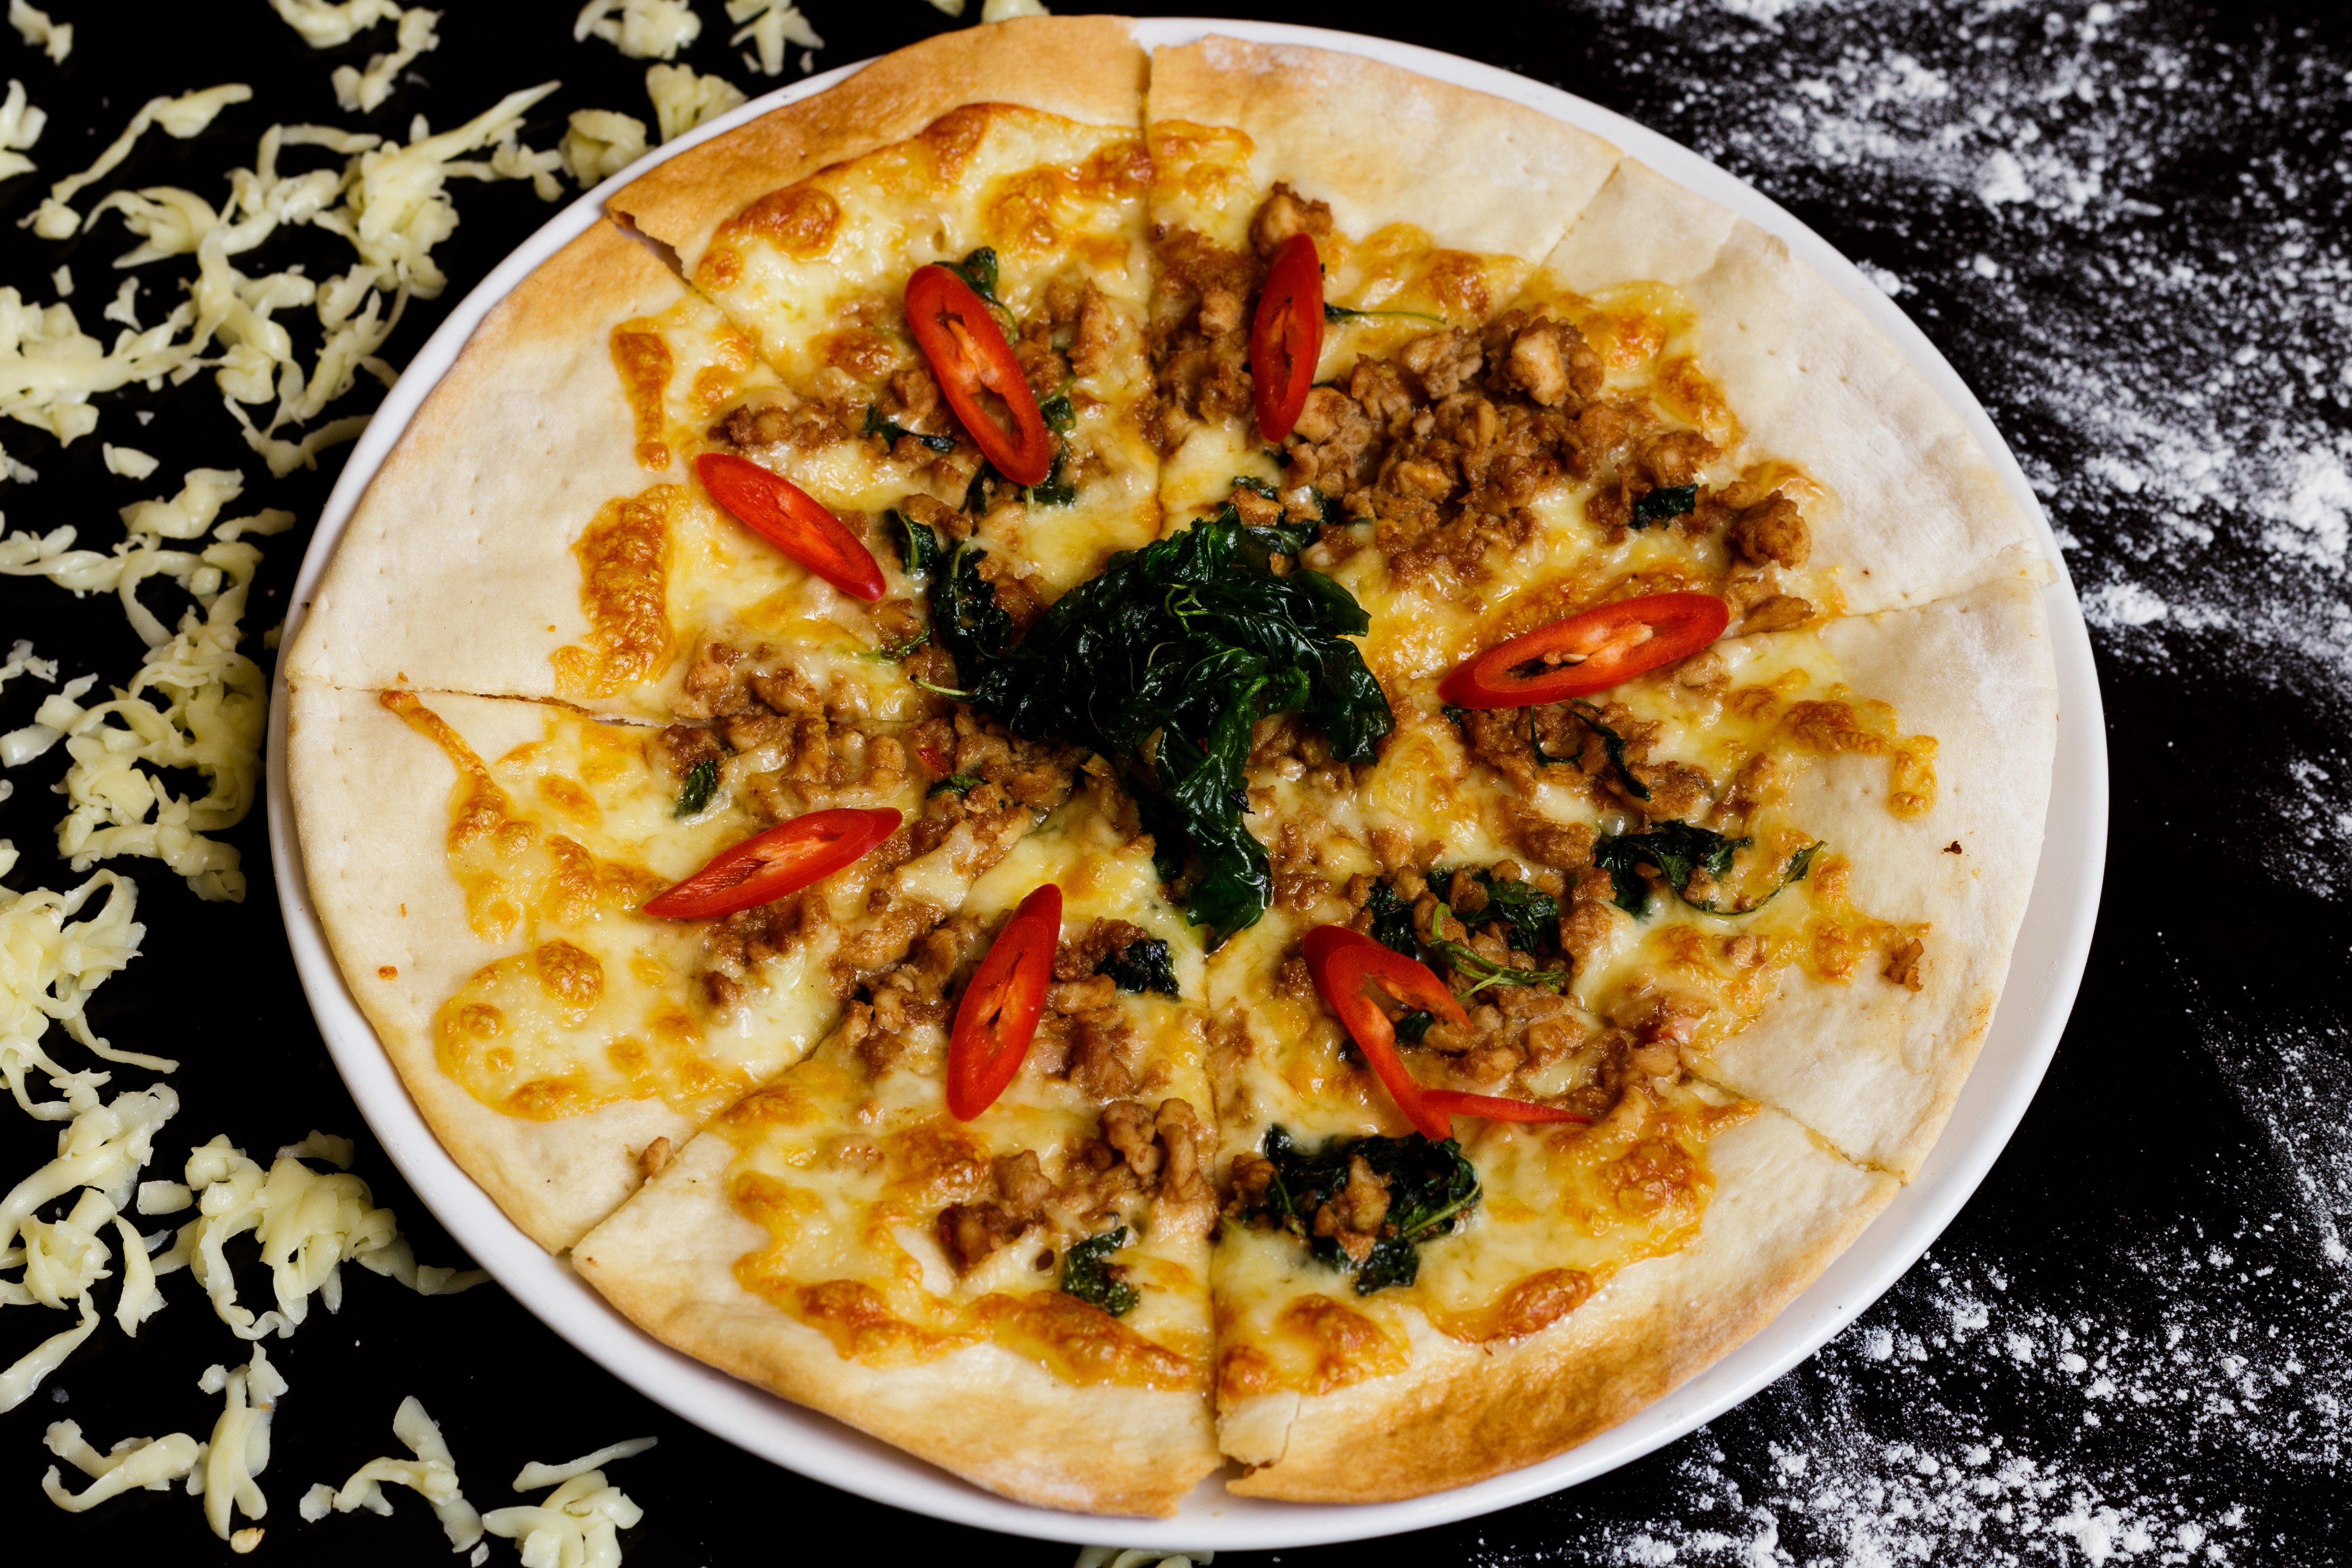 51-pizza-panaeng-gai-1